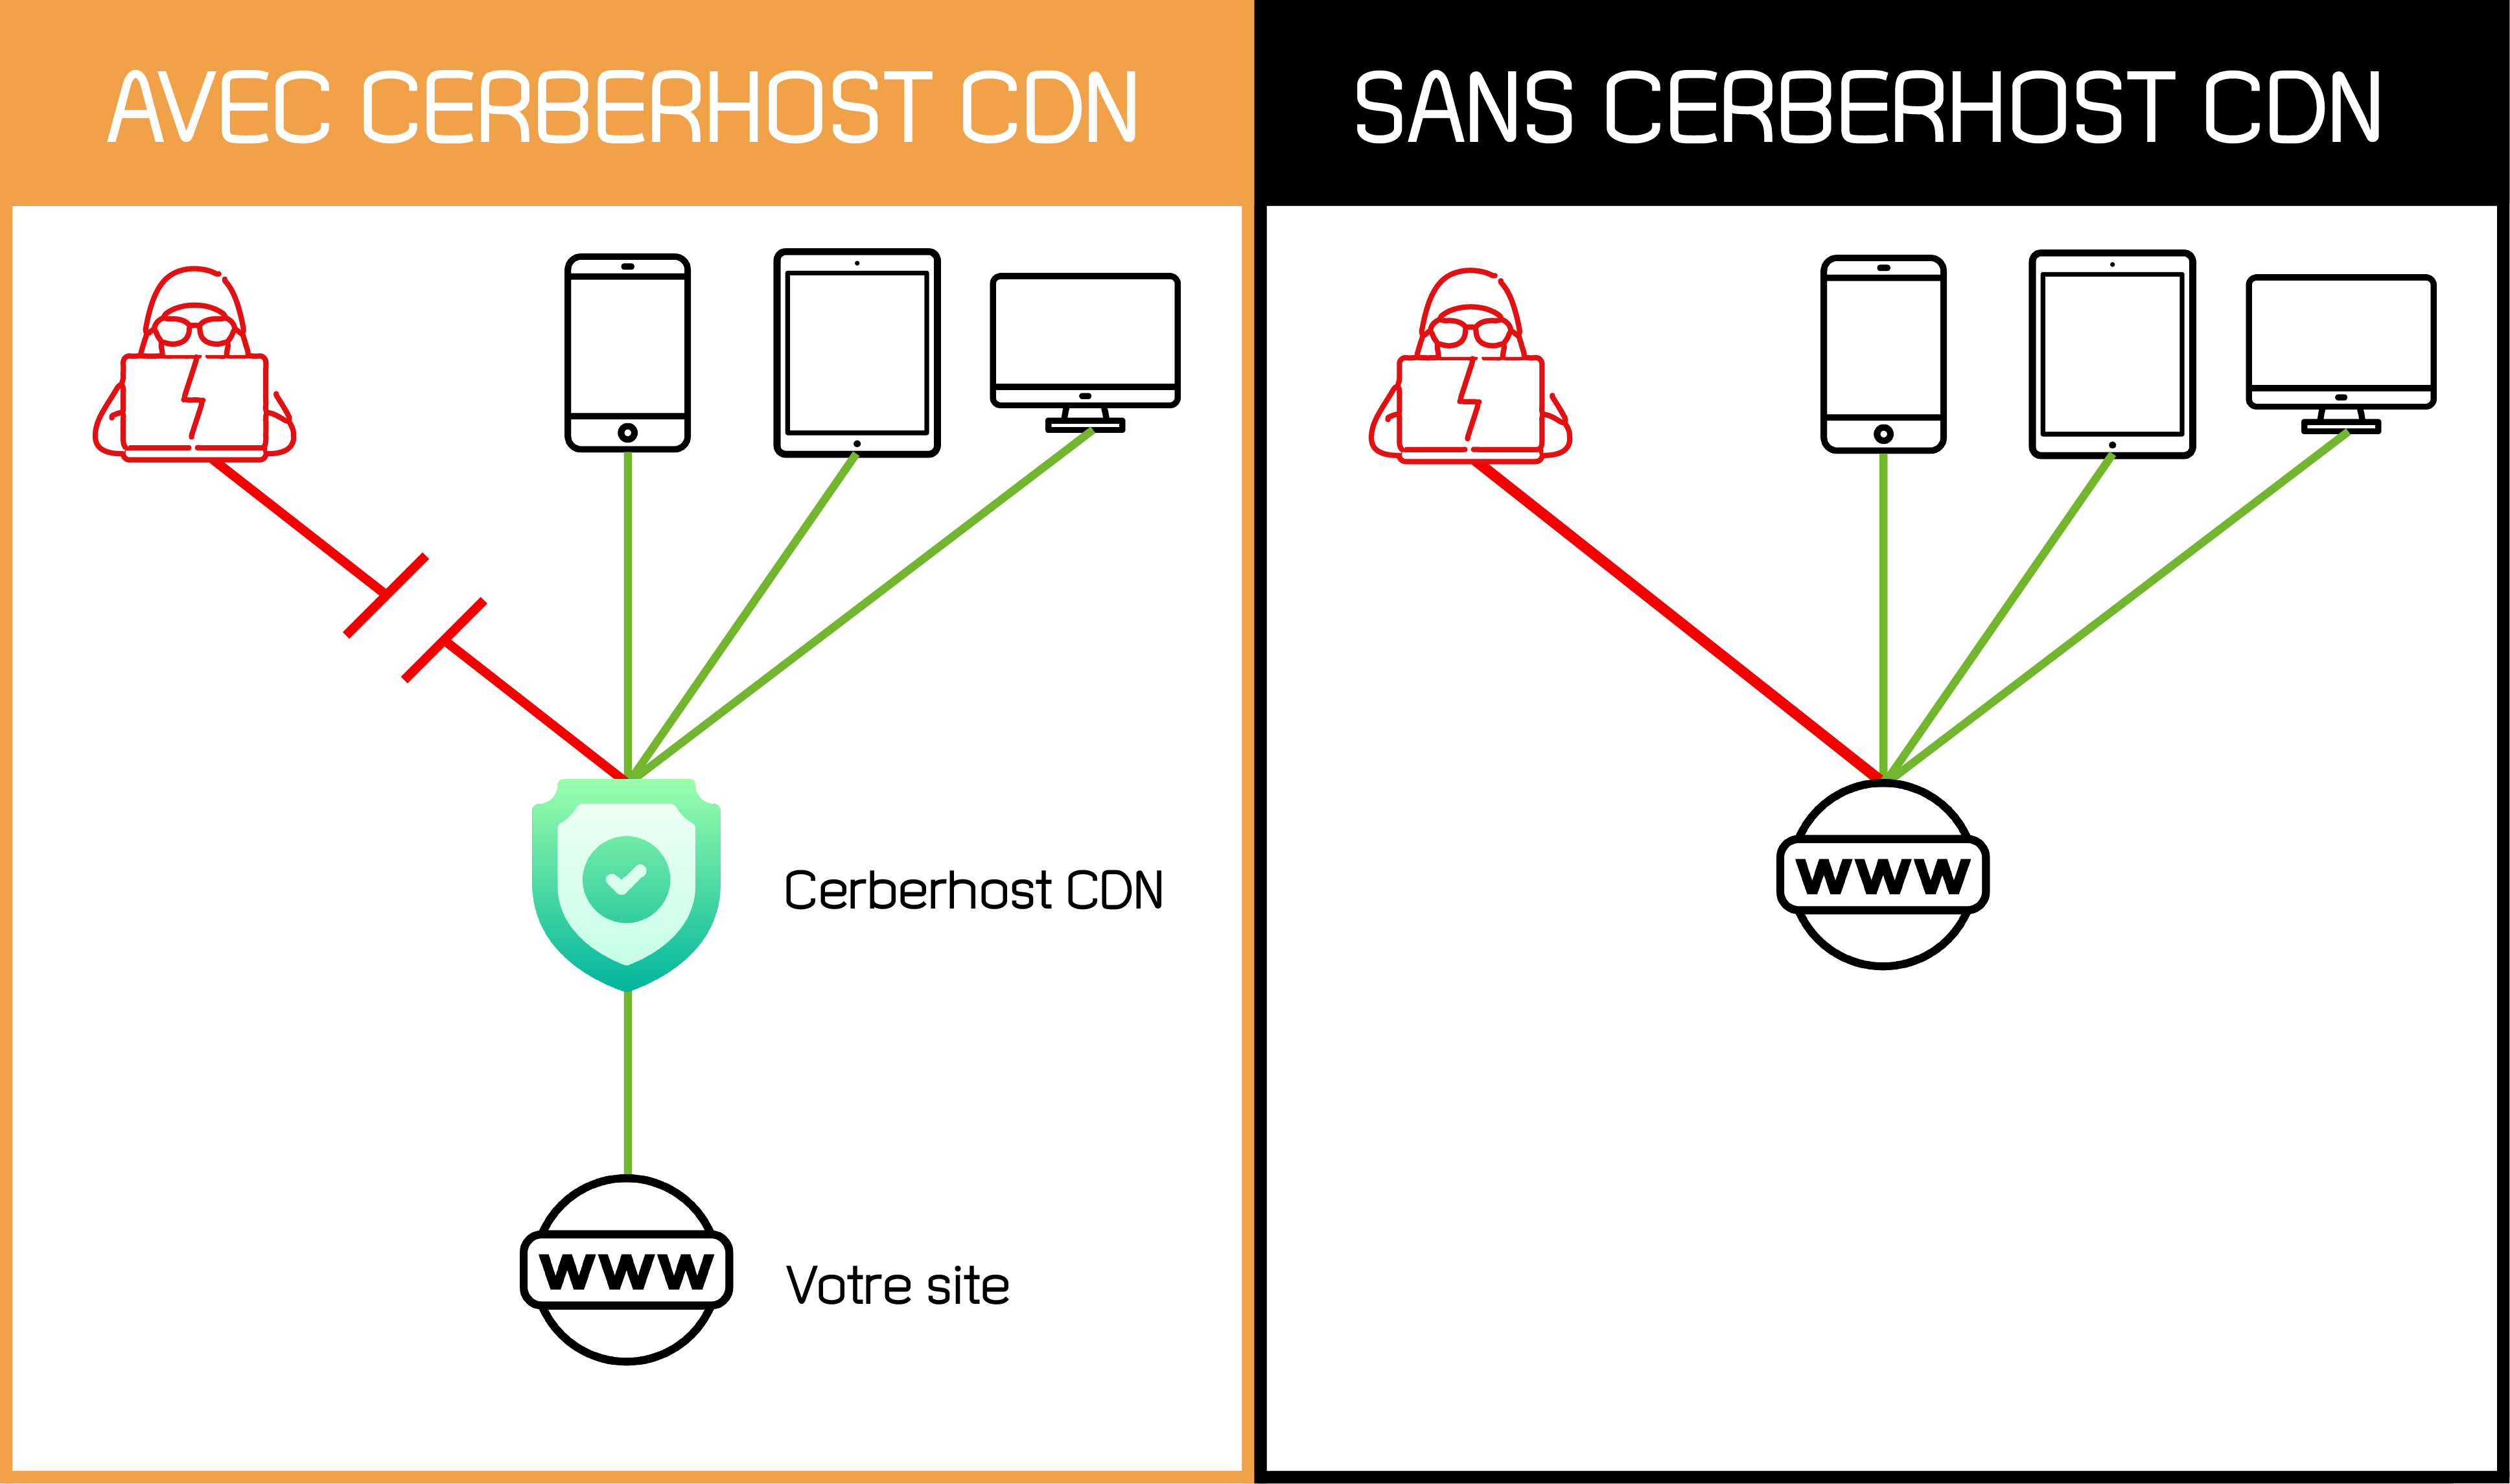 CerberHost CDN